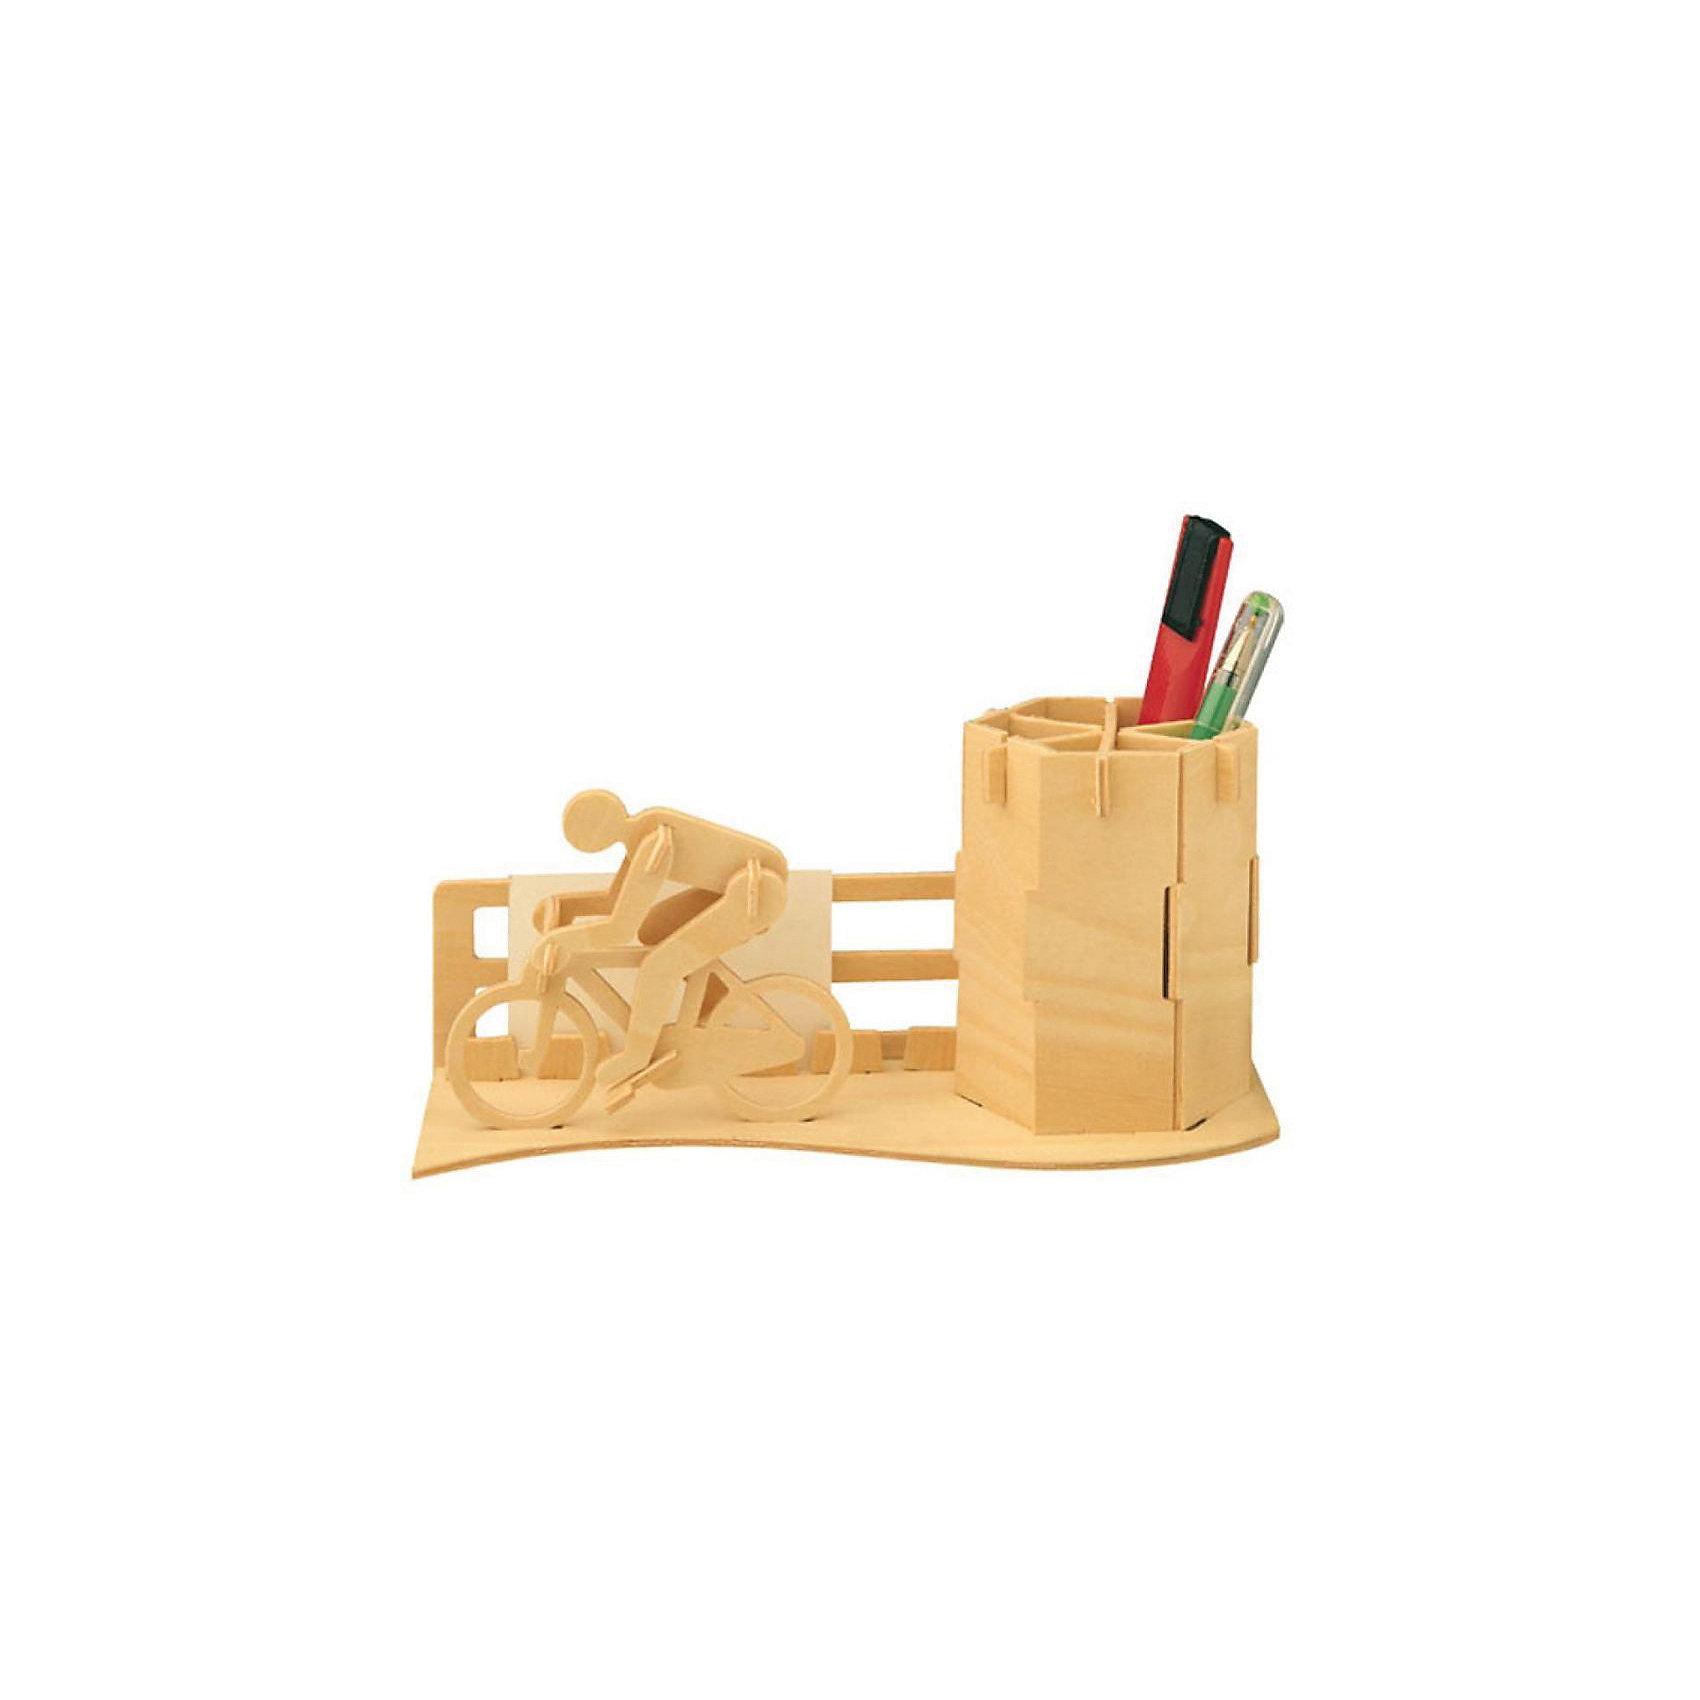 Велосипедист (серия С), Мир деревянных игрушекПорадовать творческого ребенка или любителя спорта - легко! Закажите для него этот набор, из которого можно самому сделать красивую деревянную фигуру! Для этого нужно выдавить из пластины с деталями элементы для сборки и соединить их. Из наборов получаются красивые очень реалистичные игрушки, которые могут стать украшением комнаты.<br>Собирая их, ребенок будет развивать пространственное мышление, память и мелкую моторику. А раскрашивая готовое произведение, дети научатся подбирать цвета и будут развивать художественные навыки. Этот набор произведен из качественных и безопасных для детей материалов - дерево тщательно обработано.<br><br>Дополнительная информация:<br><br>материал: дерево;<br>цвет: бежевый;<br>элементы: пластины с деталями для сборки, схема сборки;<br>размер упаковки: 23 х 18 см.<br><br>3D-пазл Велосипедист (серия С) от бренда Мир деревянных игрушек можно купить в нашем магазине.<br><br>Ширина мм: 225<br>Глубина мм: 30<br>Высота мм: 180<br>Вес г: 450<br>Возраст от месяцев: 36<br>Возраст до месяцев: 144<br>Пол: Мужской<br>Возраст: Детский<br>SKU: 4969244